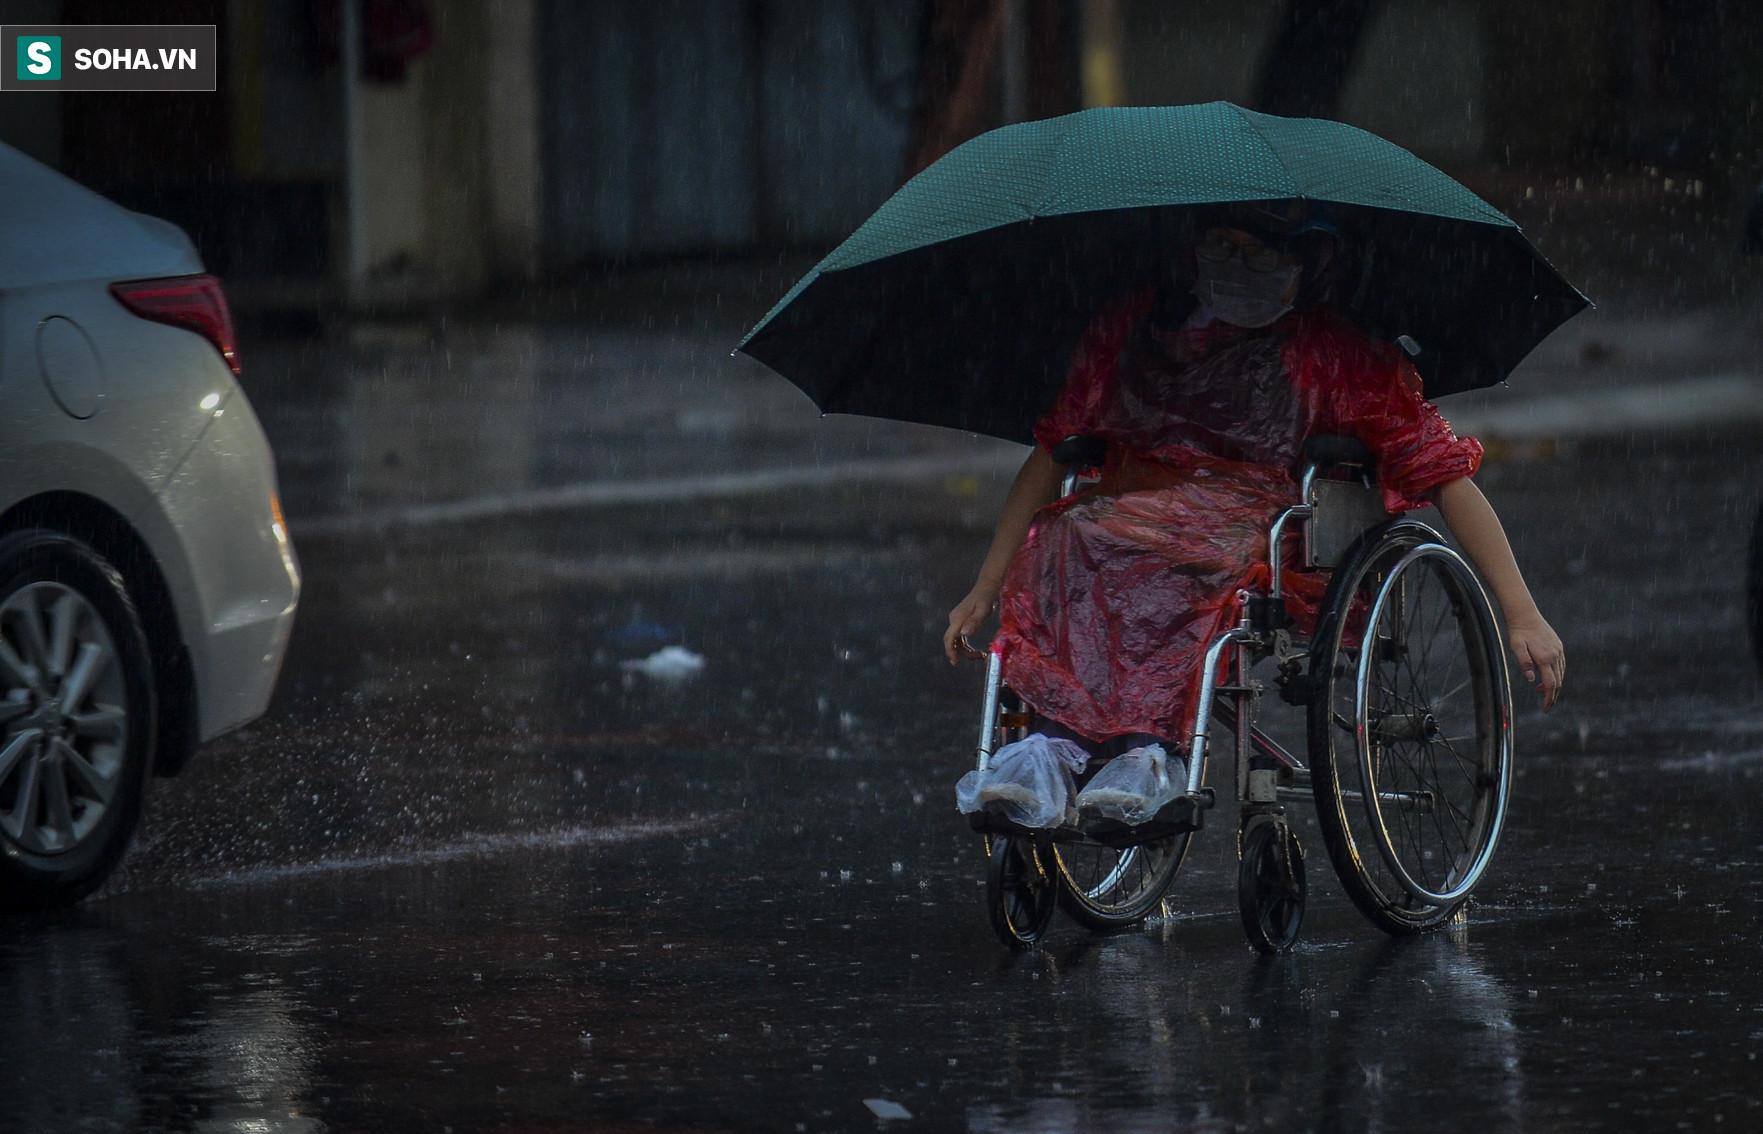 Cơn mưa rào khiến trời Hà Nội 8h sáng vẫn tối đen như mực - Ảnh 10.